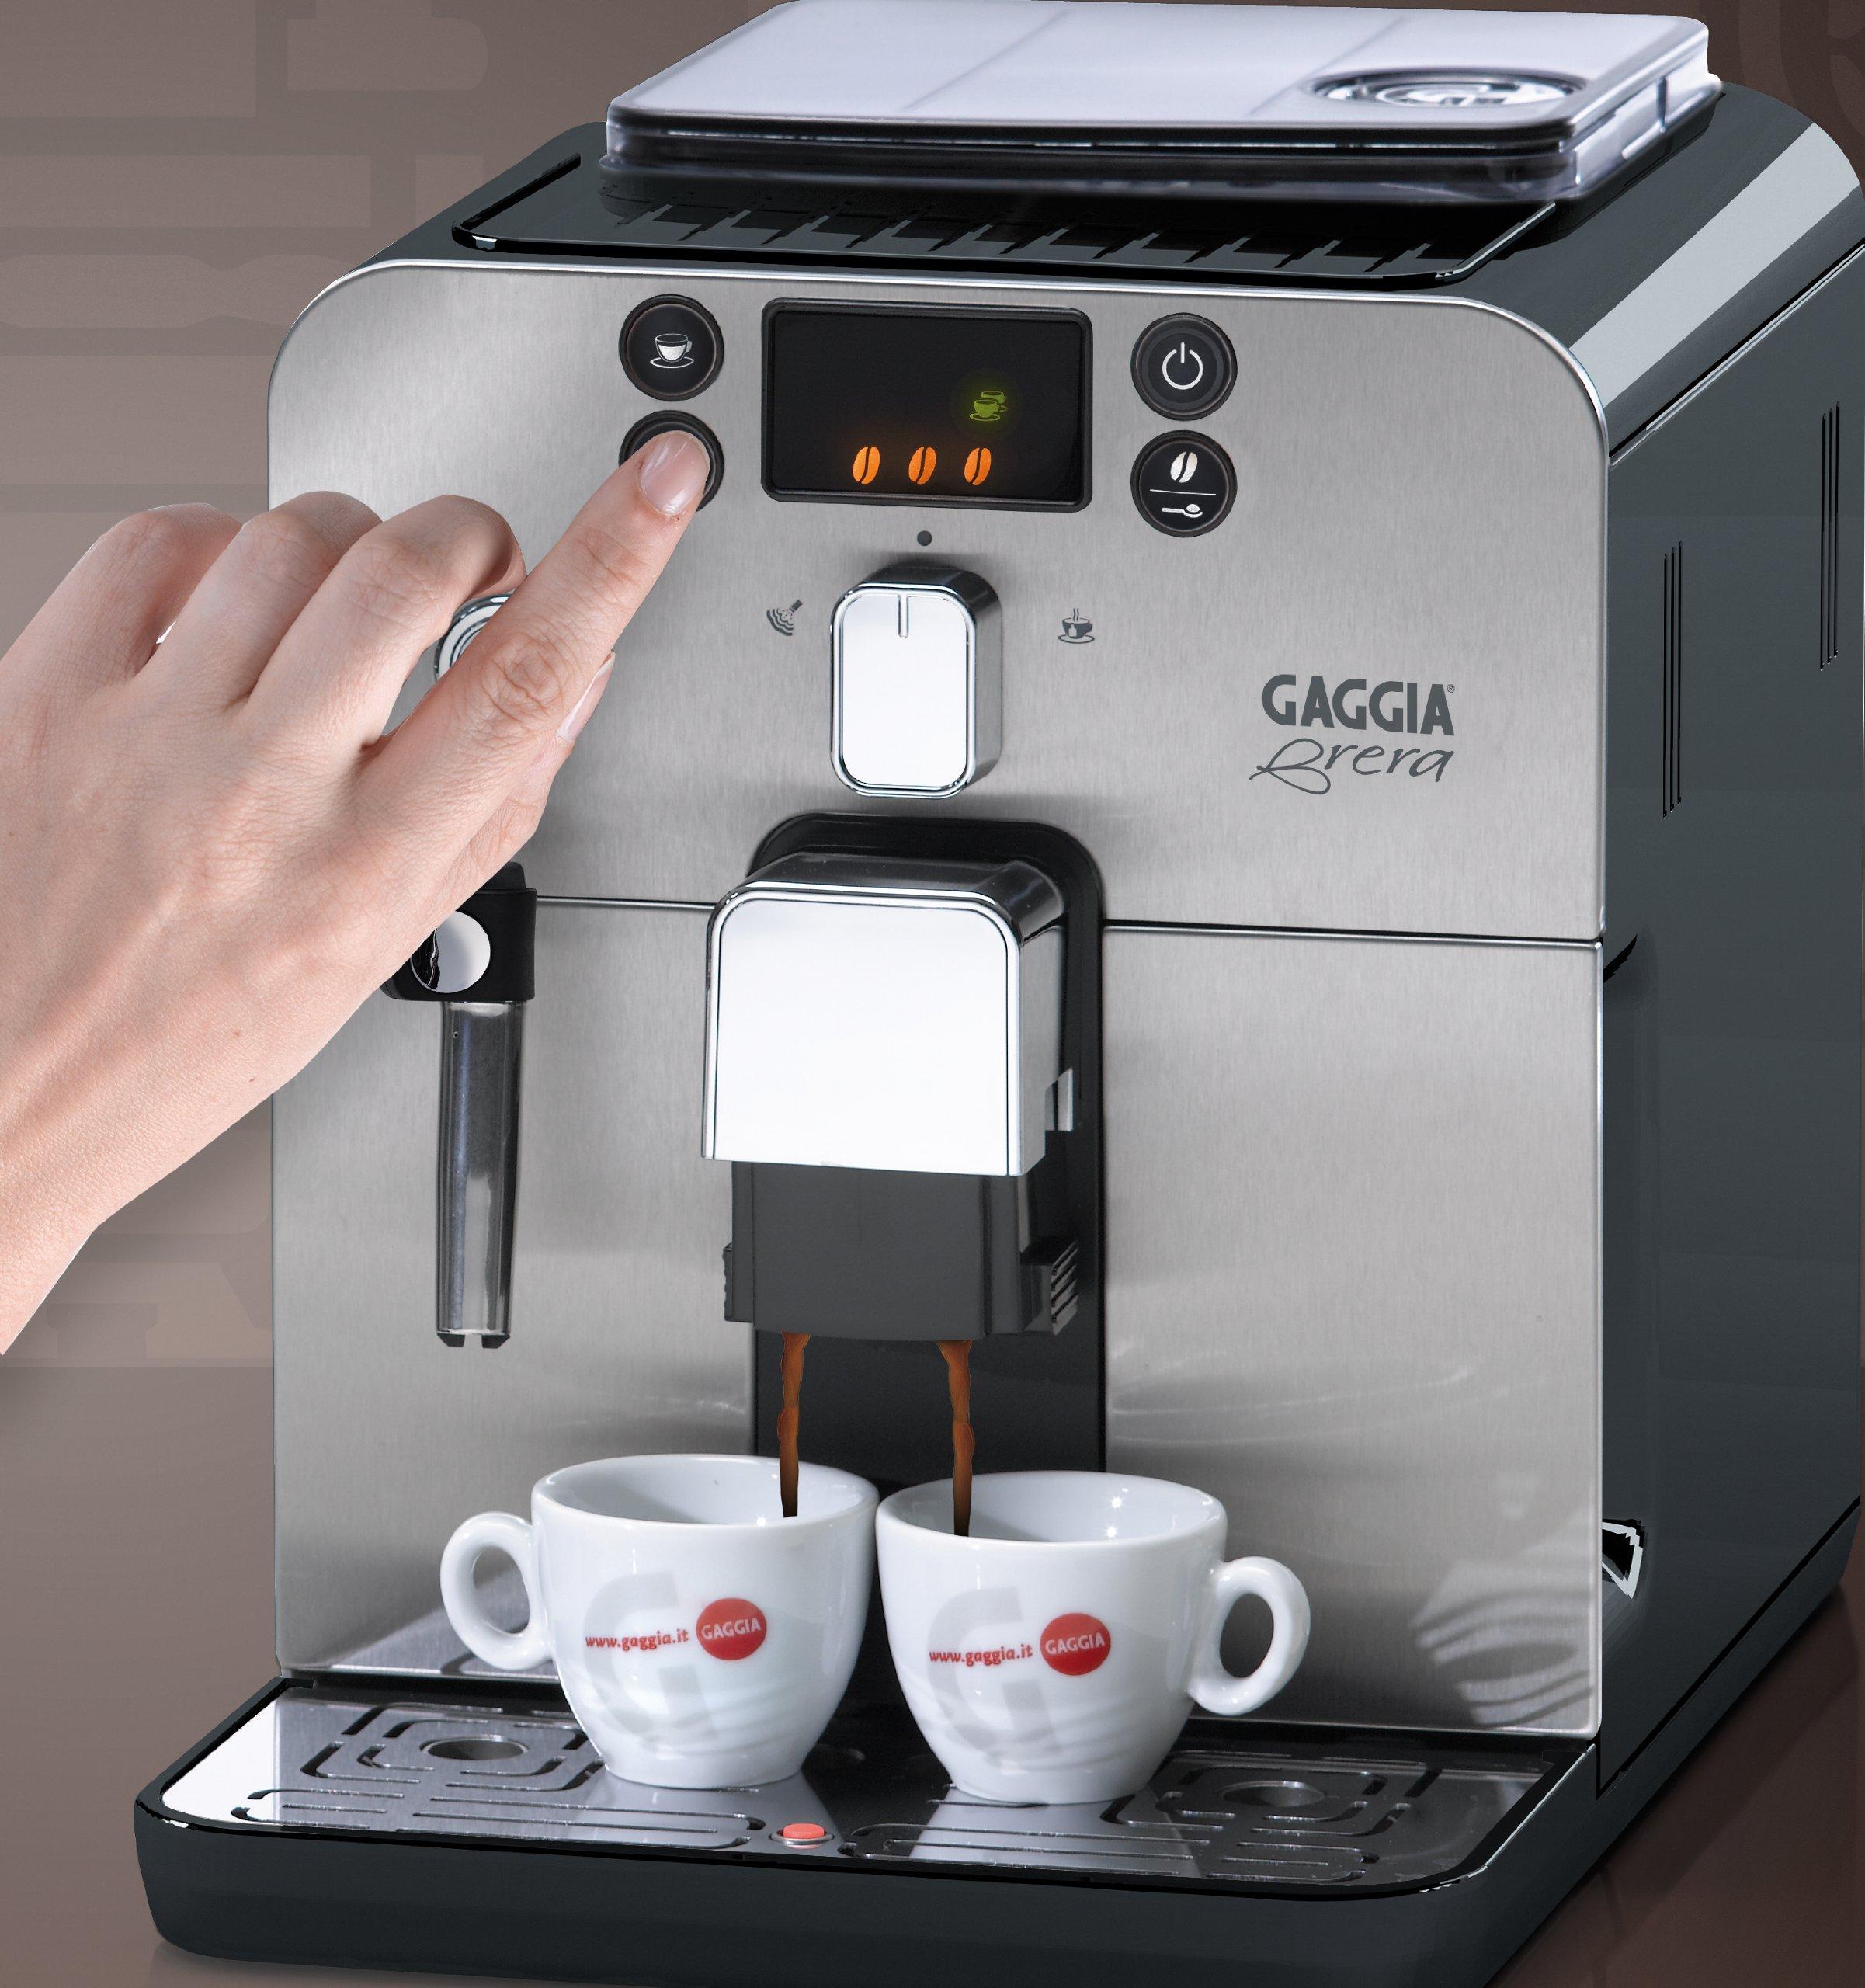 Gaggia-Brera-Fully-Automatic-Bean-to-Cup-Espresso-Coffee-Machine